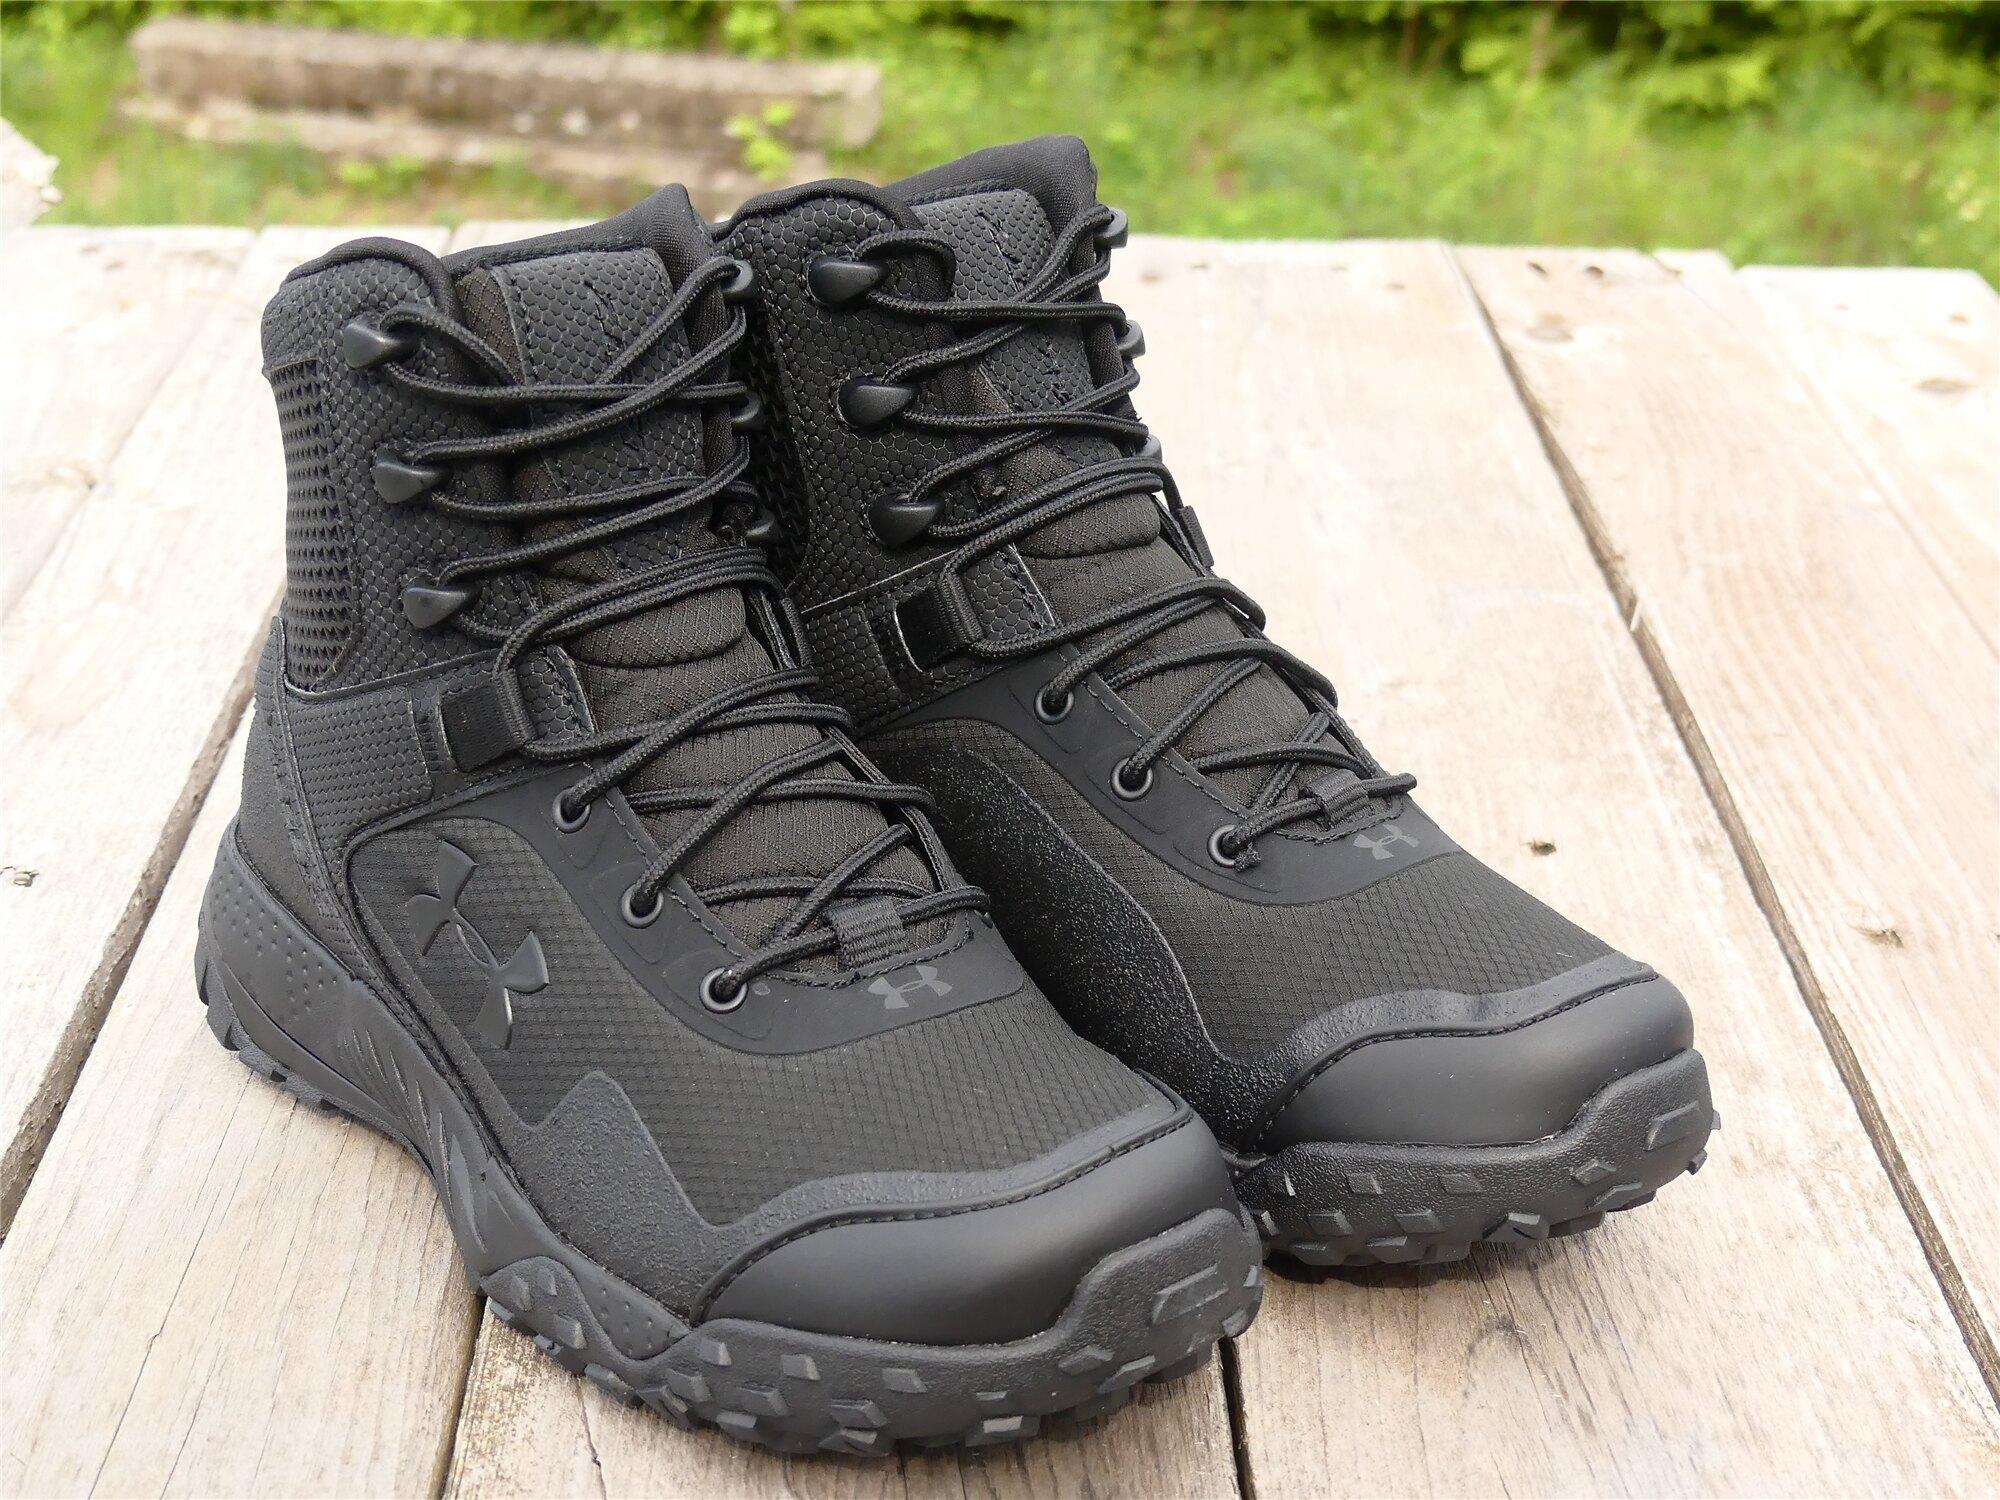 Dámske taktické topánky UNDER ARMOUR® Valsetz RTS 1.5 - Čierne (Farba: Čierna, Veľkosť: 40.5 (EU))